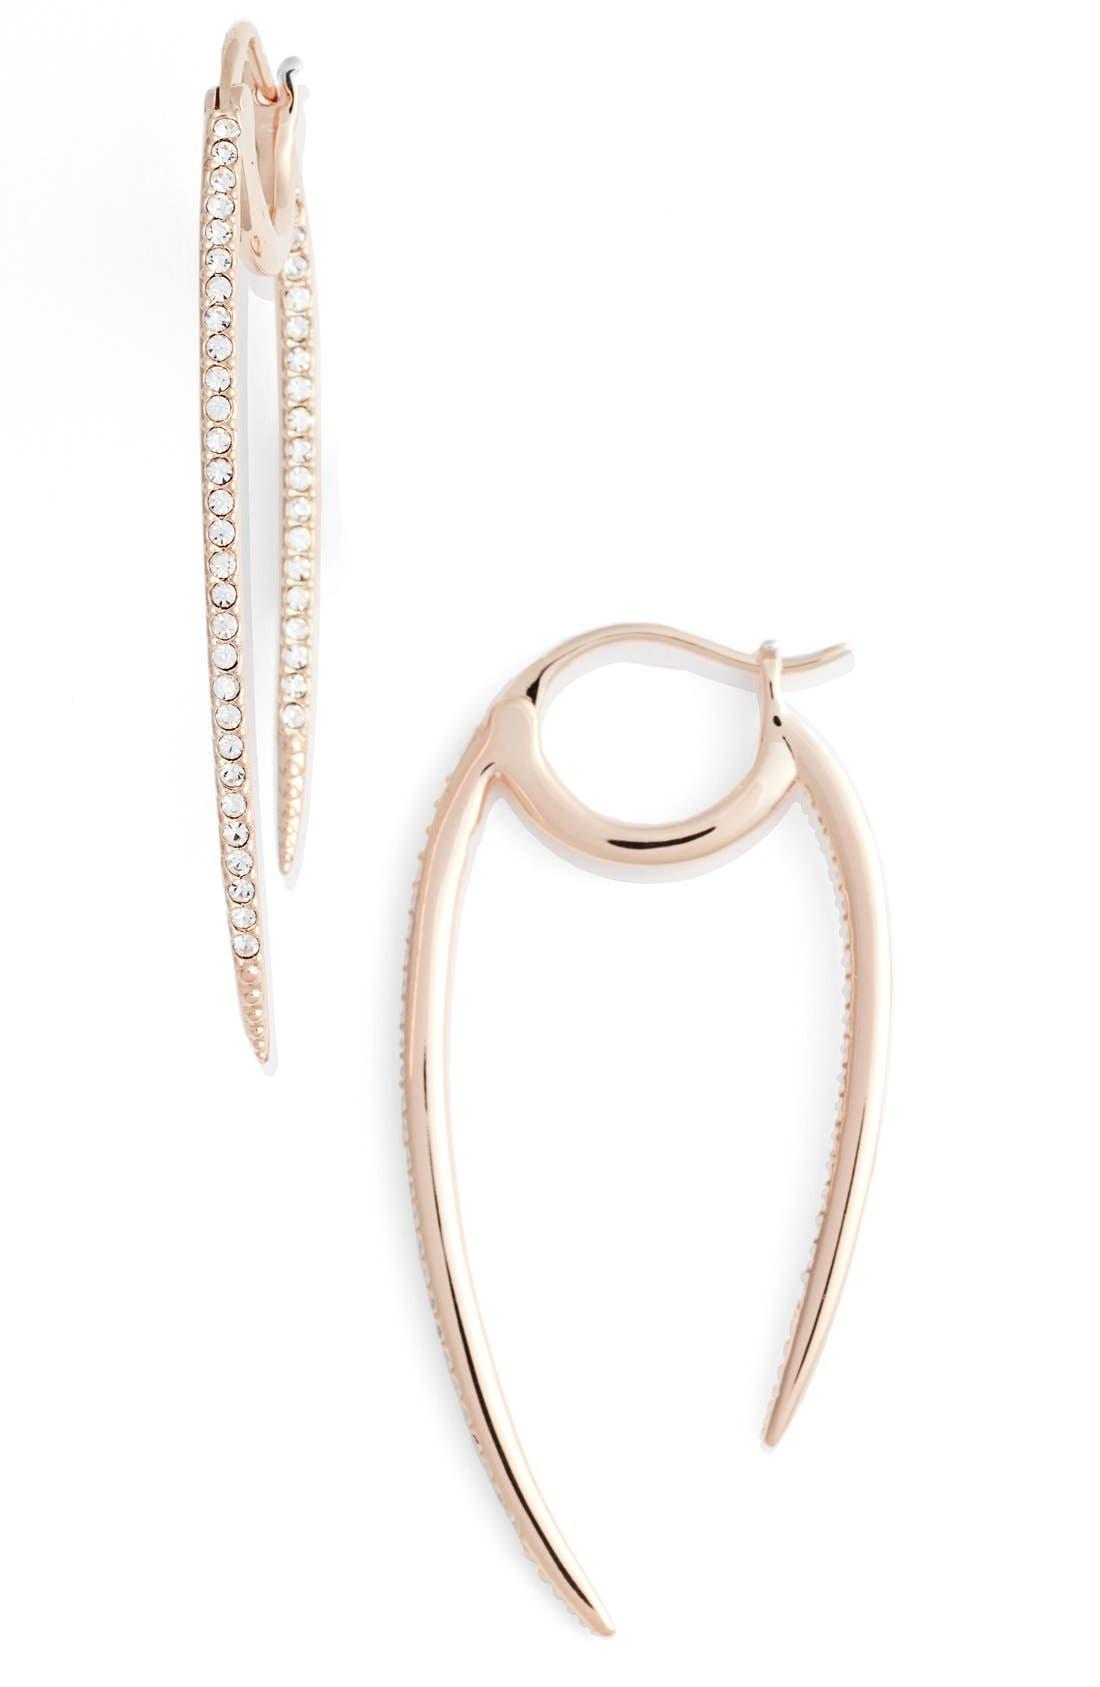 Nadri 'Crescent' Linear Hoop Earrings